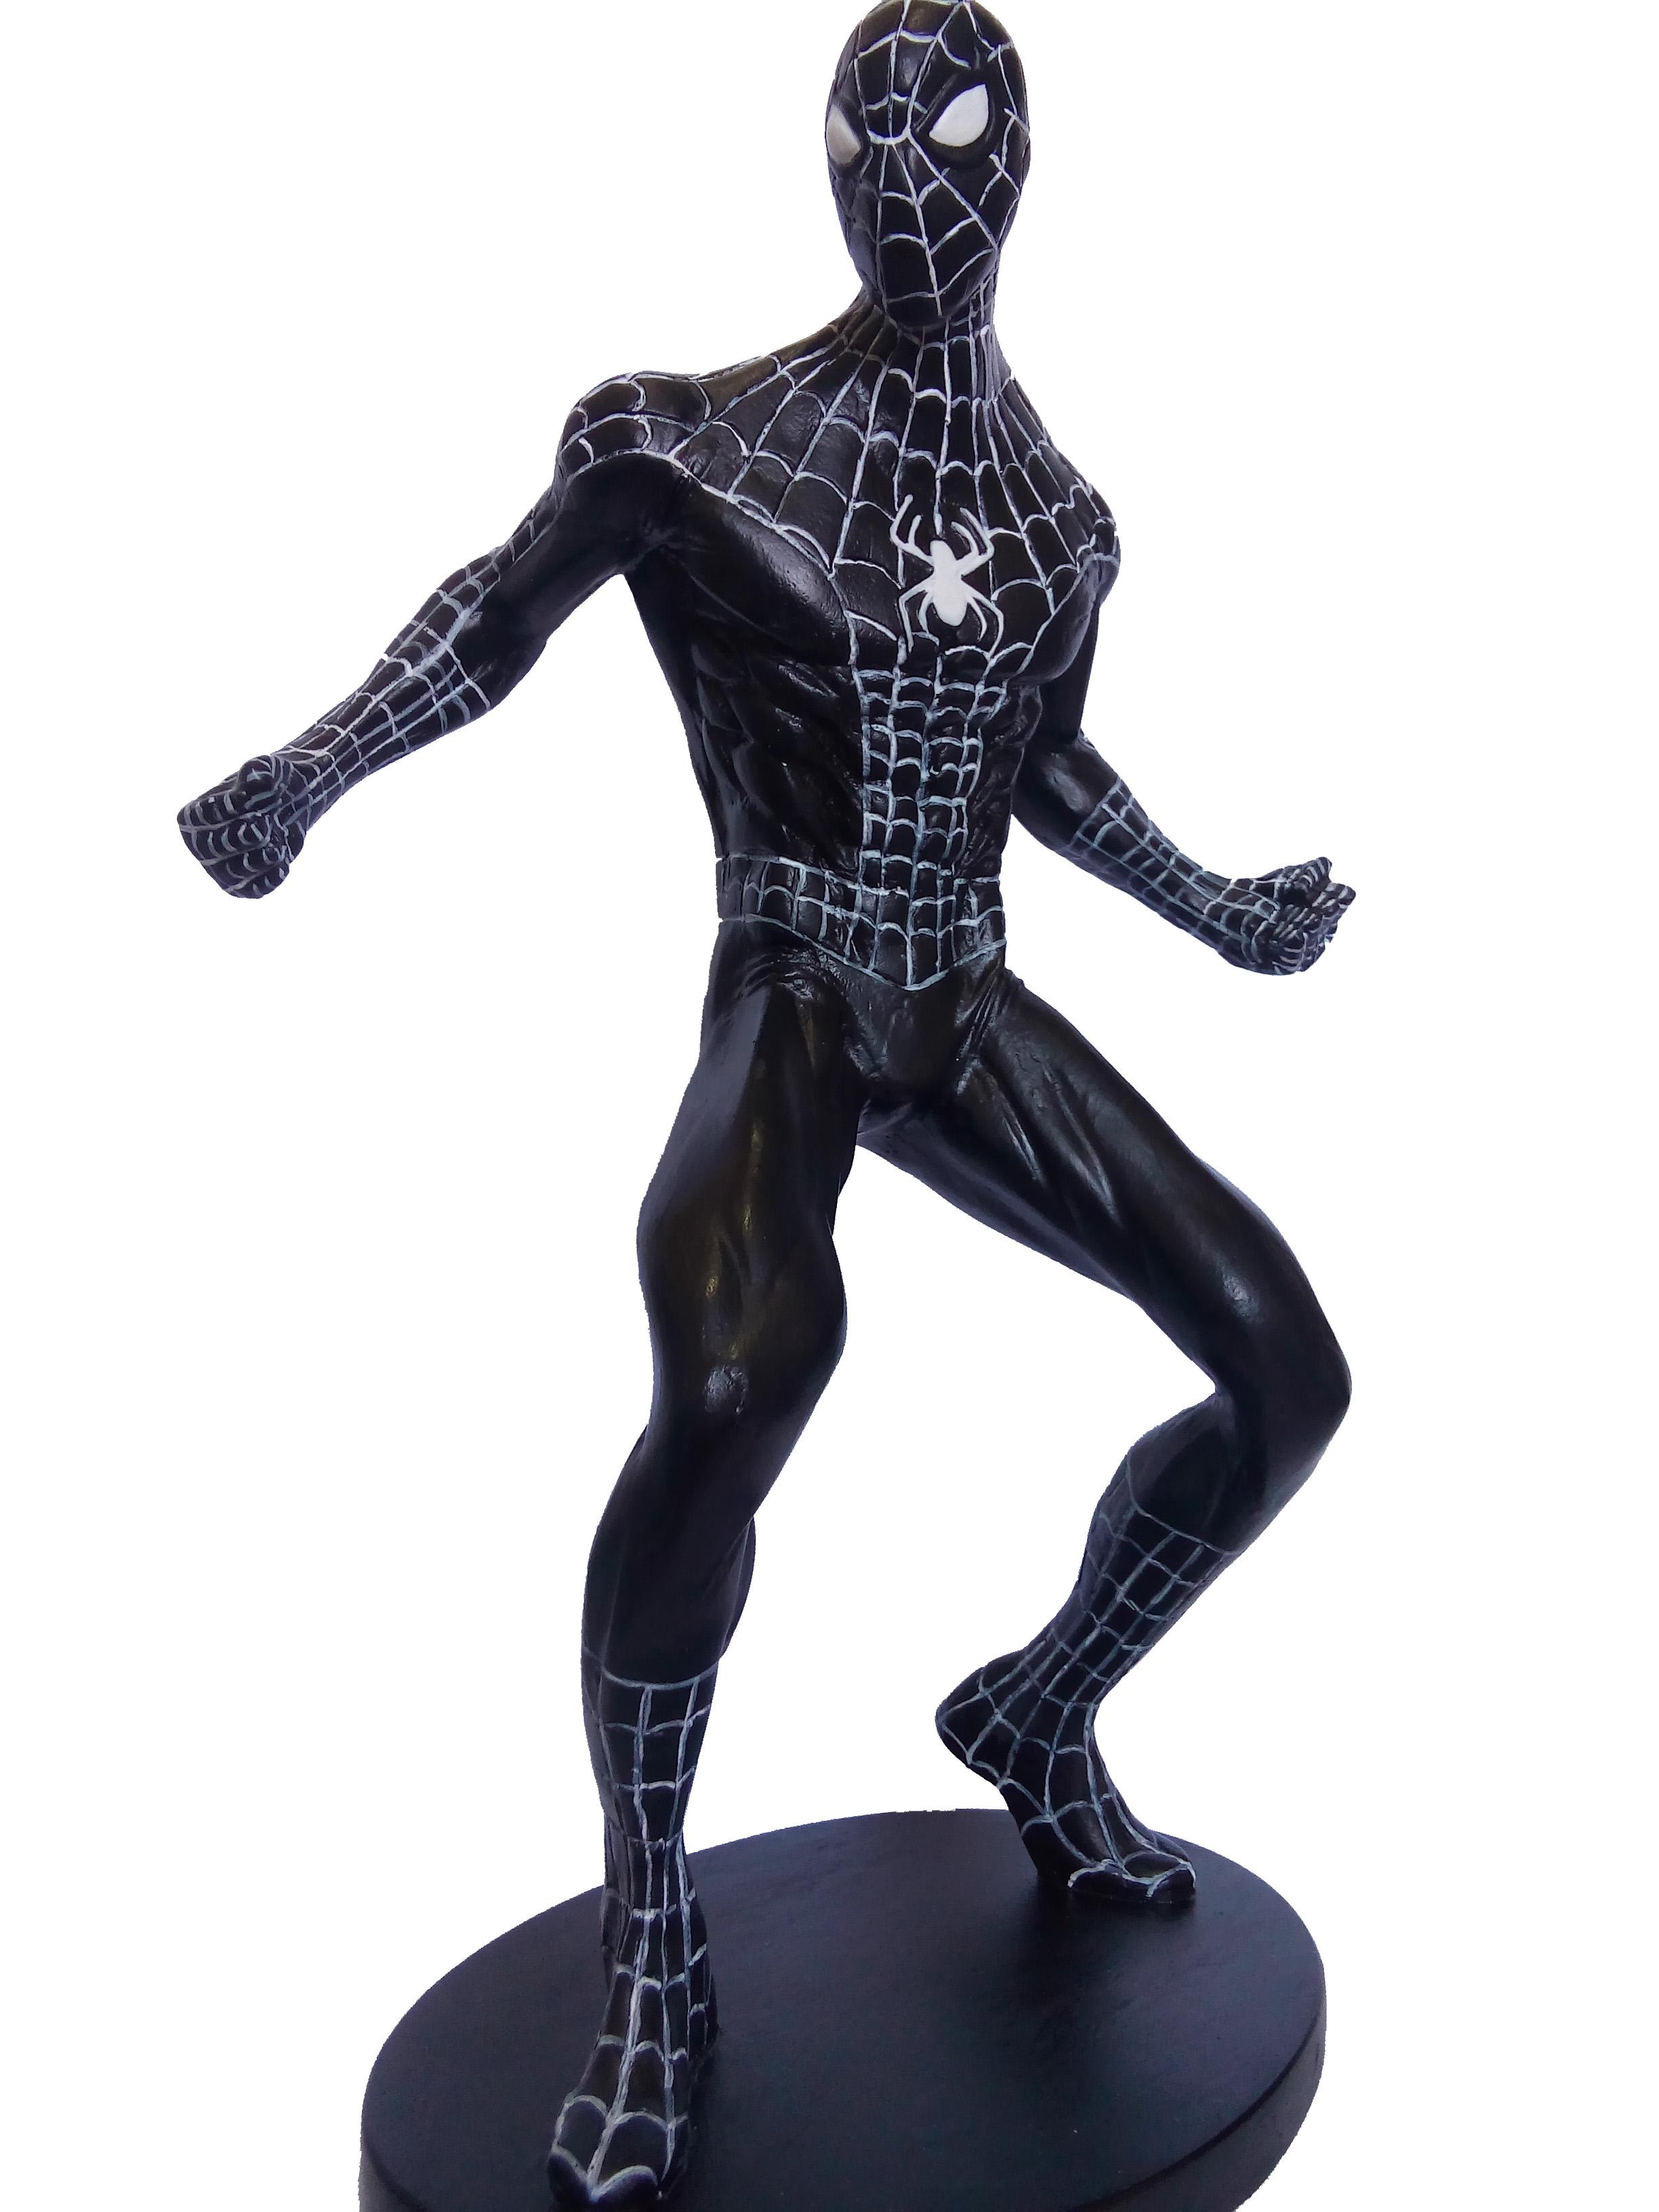 Homem Aranha Black Colecionaveis No Elo7 Resina Toys 7f00cb Boneco de 30cm, está como novo, vendo porque o meu filho já não brinca. homem aranha black colecionaveis